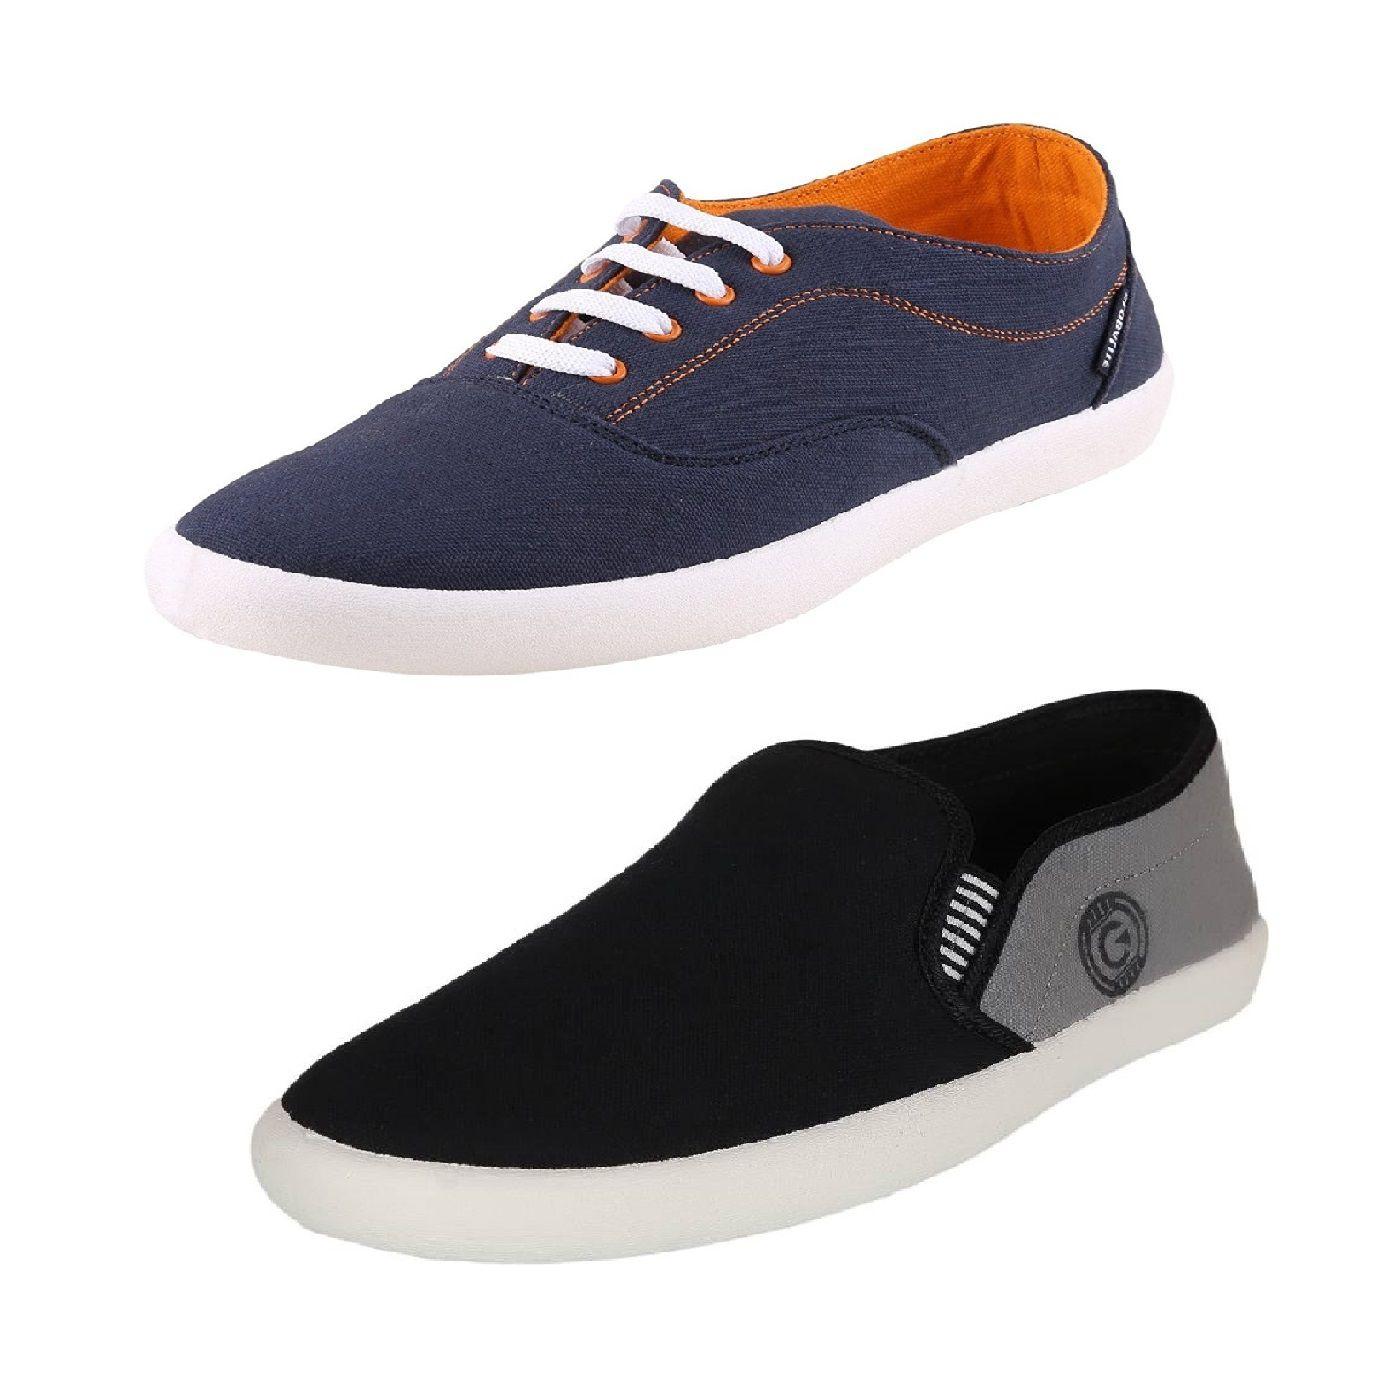 Globalite Globalite Men's shoe combo